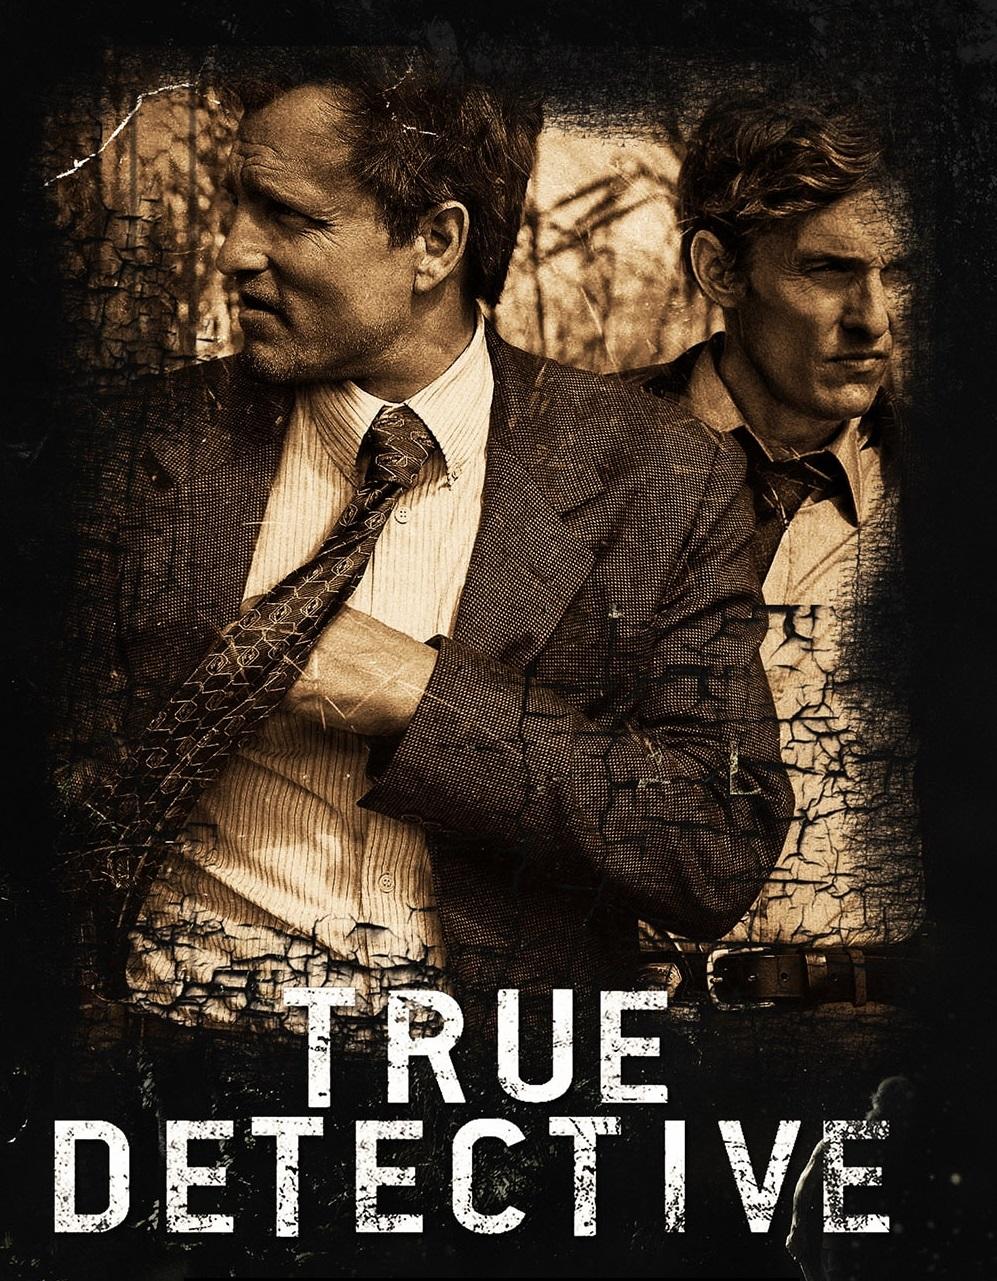 true detective s01e02 720p